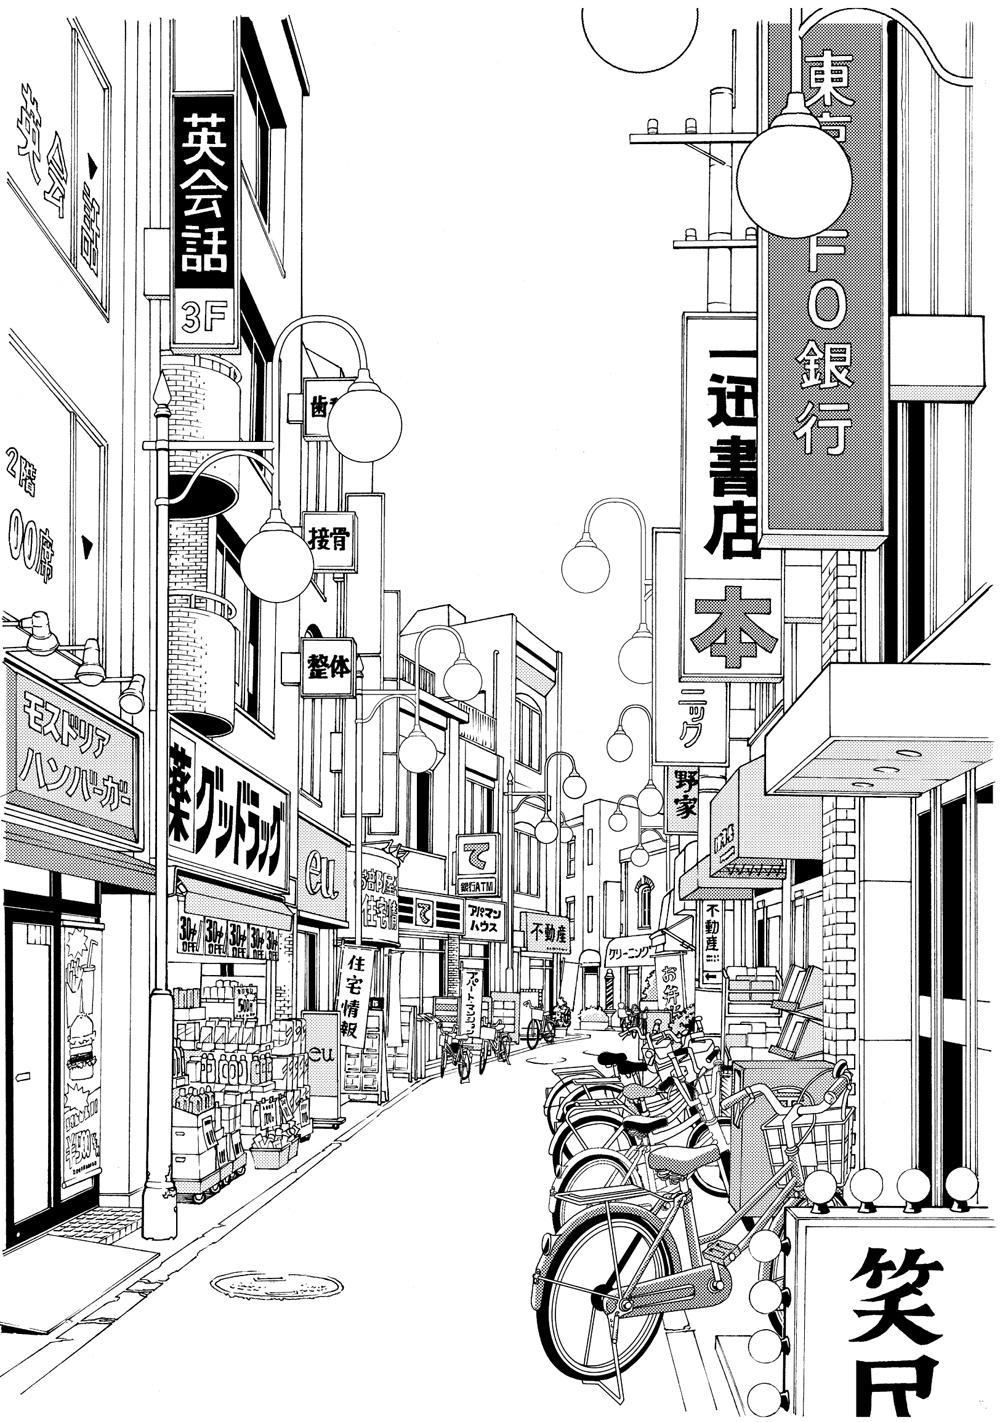 超級!!背景講座!!】maedaxの背景萌え!~商店街 駅前編~ | イラスト